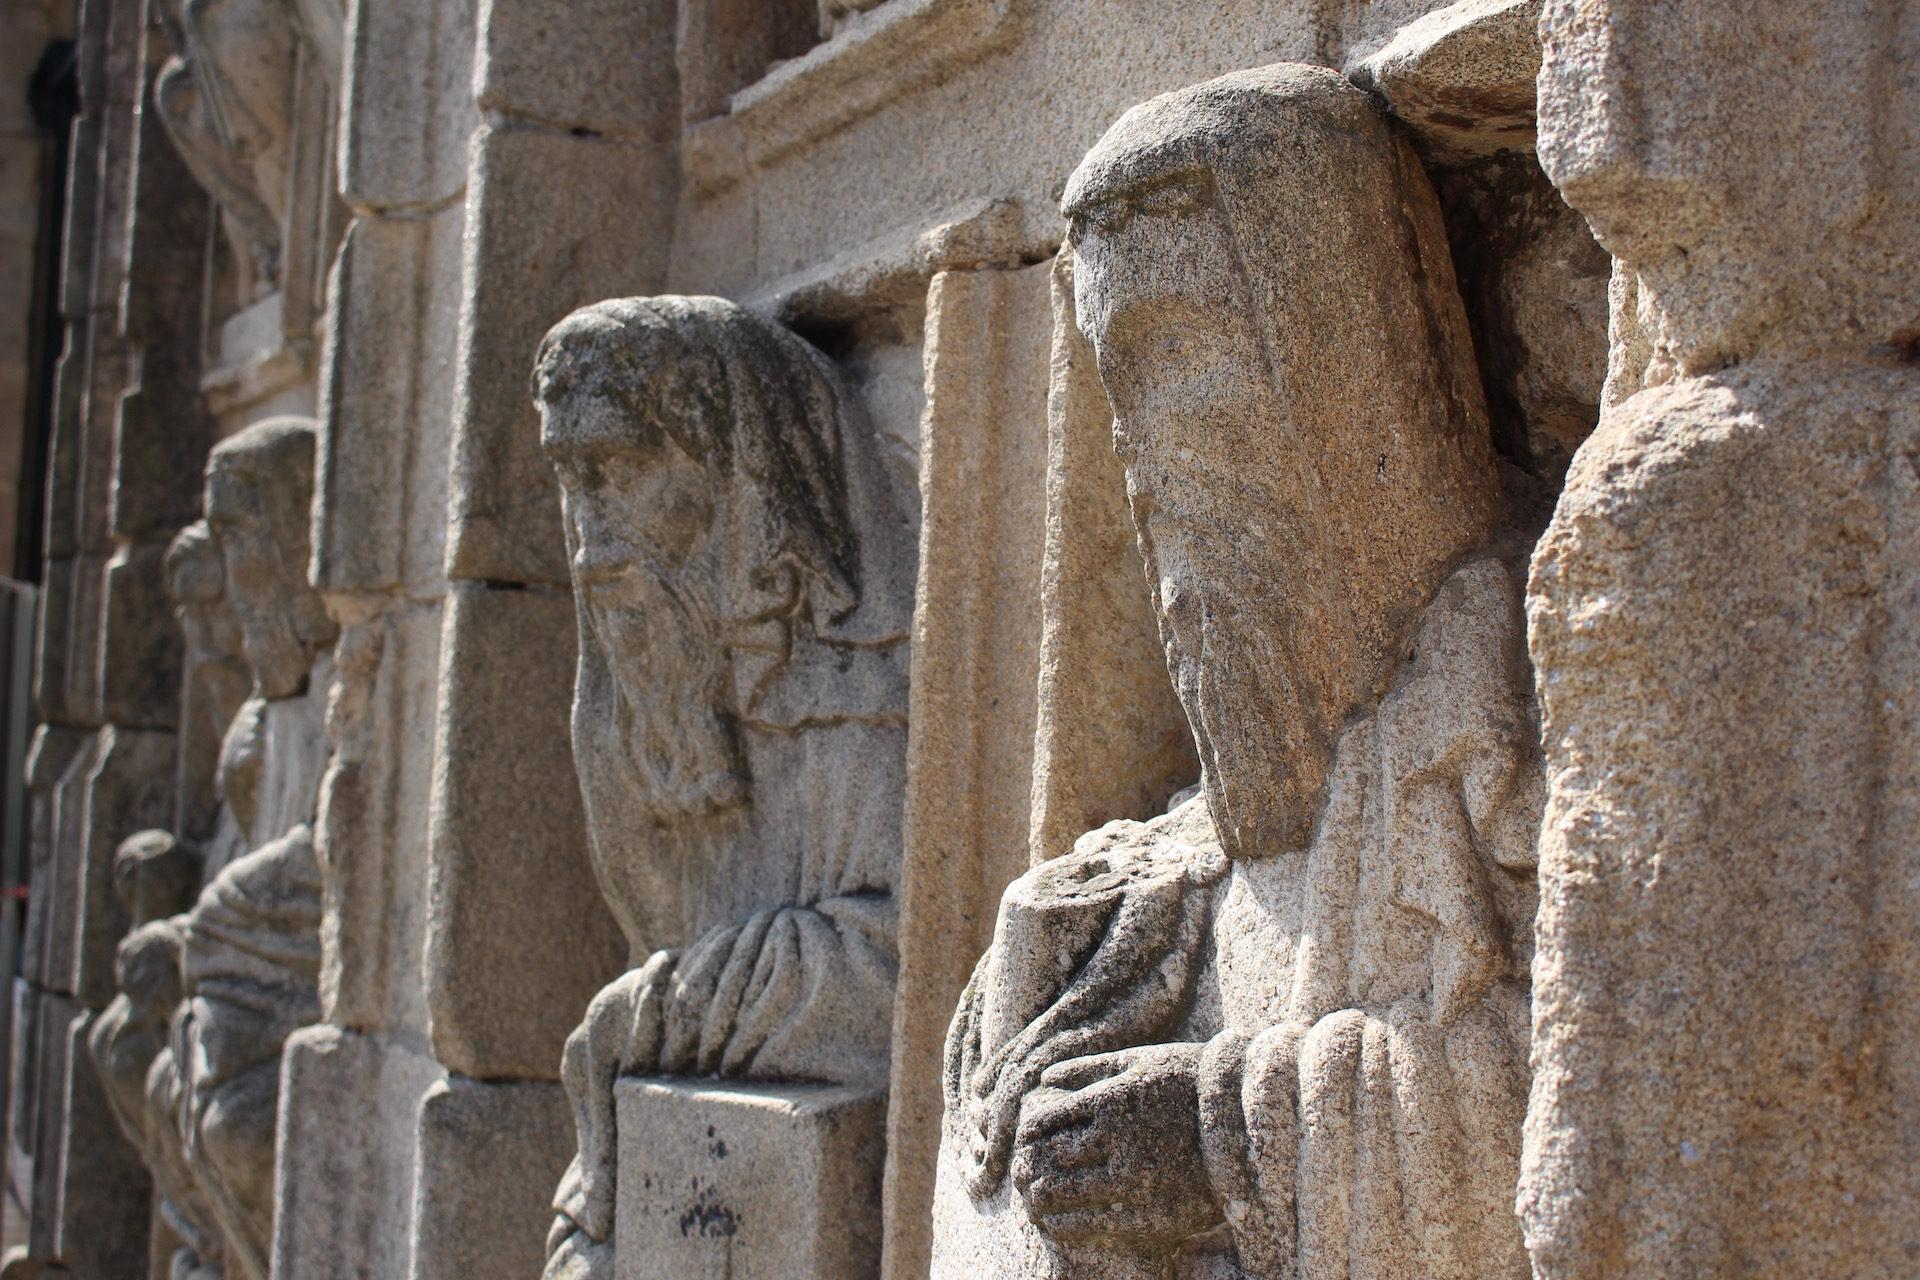 statues, Pierre, chiffres, Cathédrale, Santiago de compostela - Fonds d'écran HD - Professor-falken.com